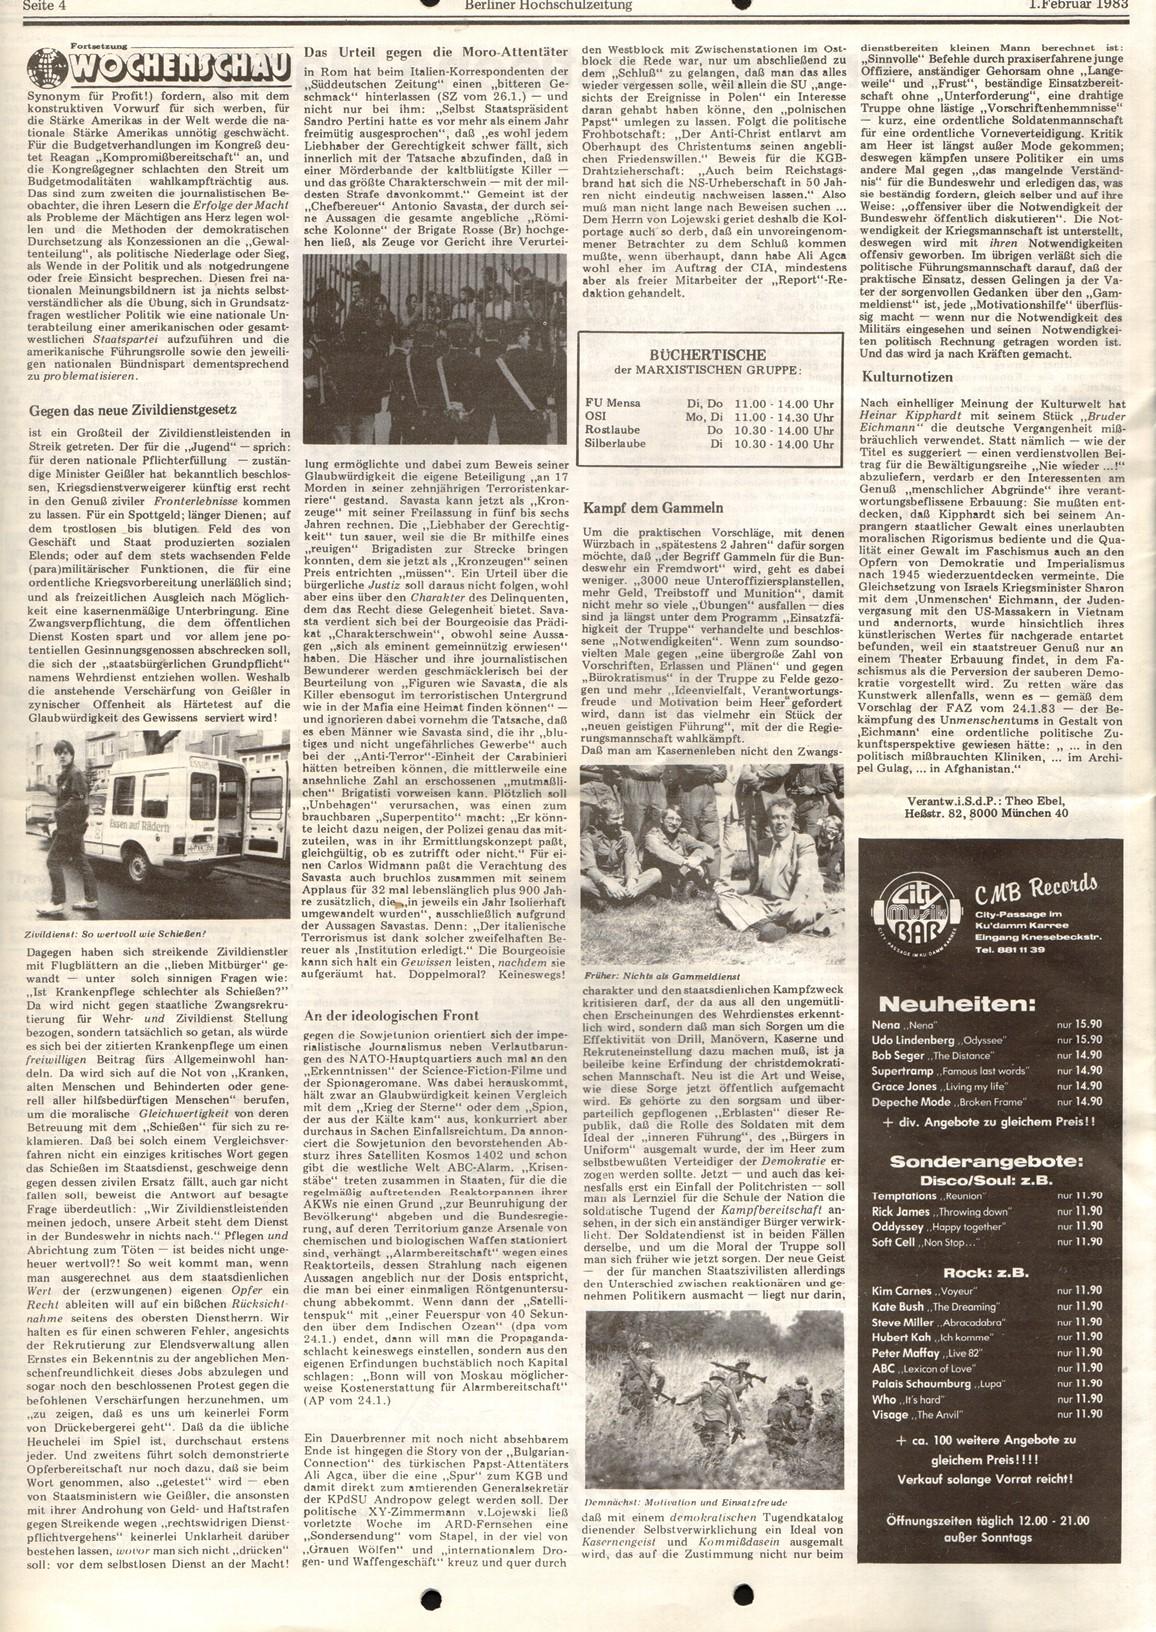 Berlin_MG_Hochschulzeitung_19830201_04